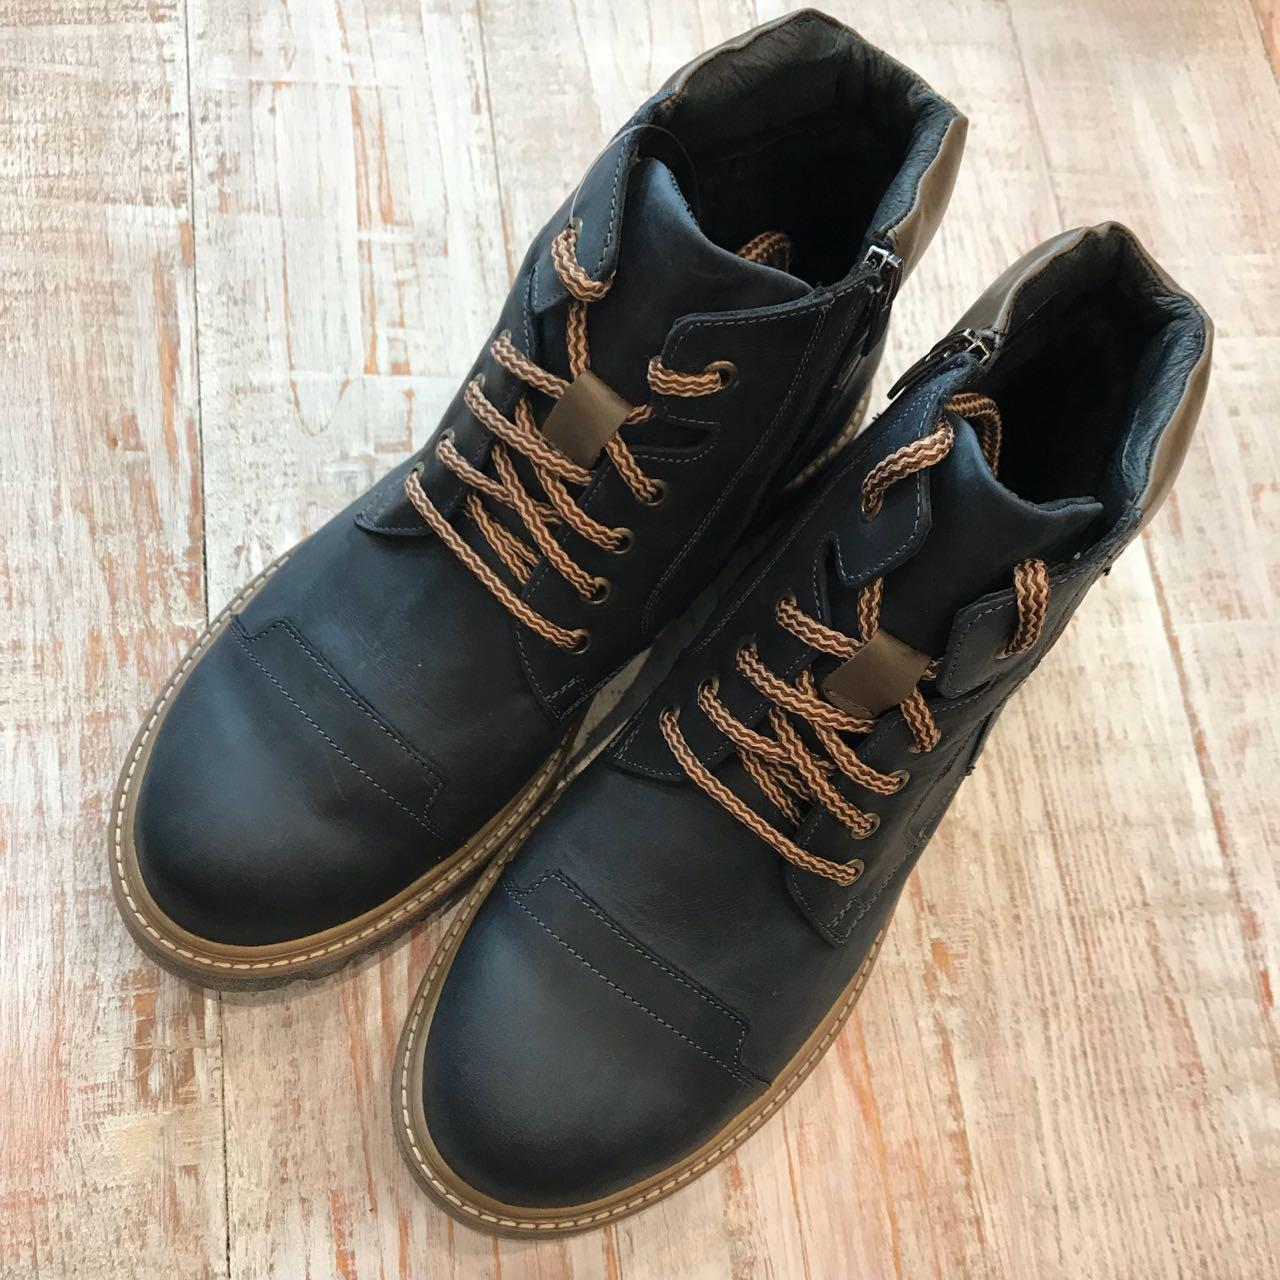 Кожаные зимние ботинки арт 14802 размеры 42 9cccae0707014